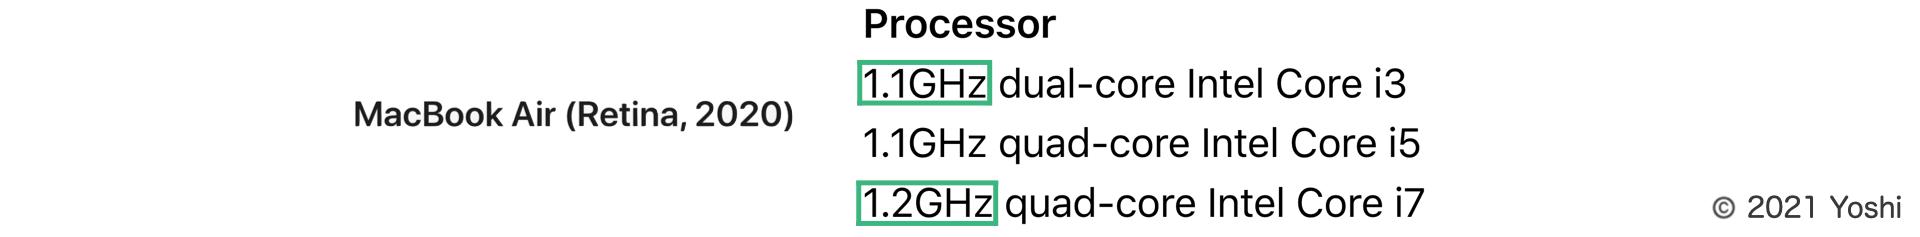 CPU in the MacBook